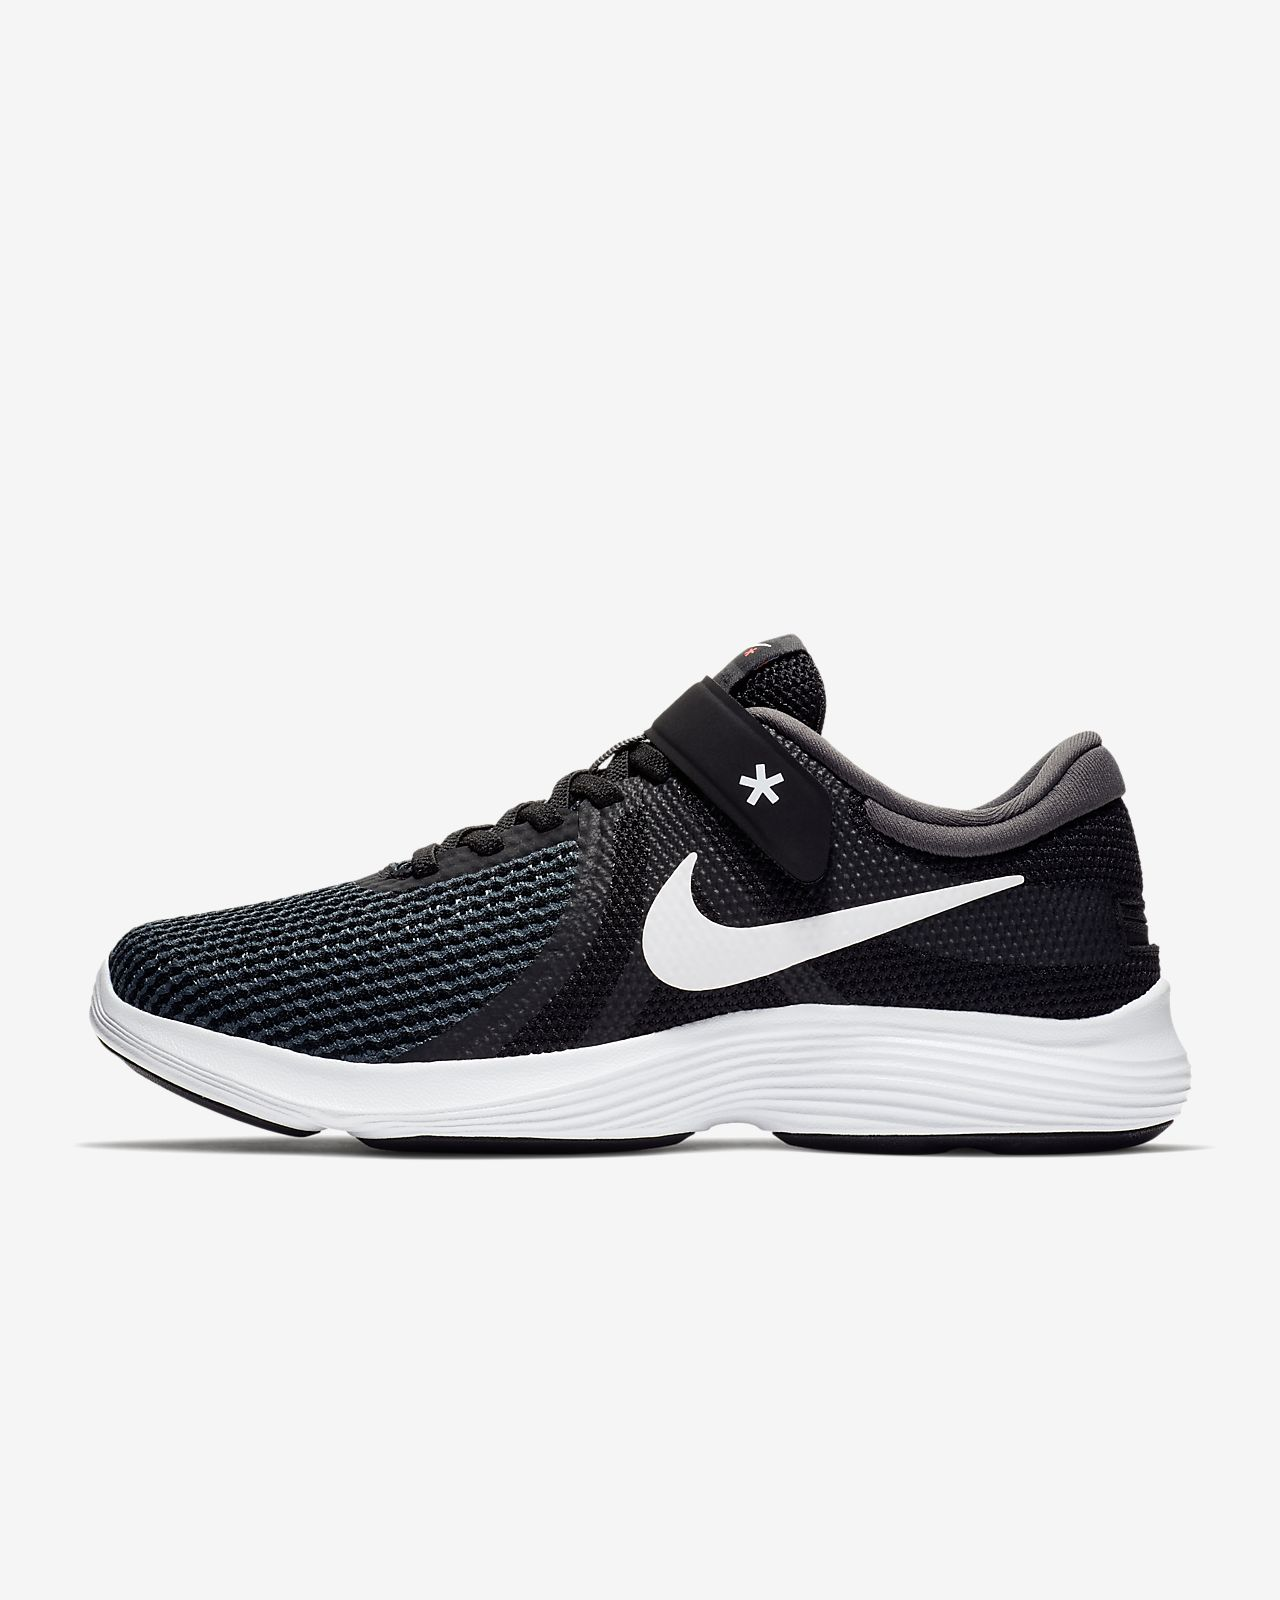 Löparsko Nike Revolution 4 FlyEase för kvinnor